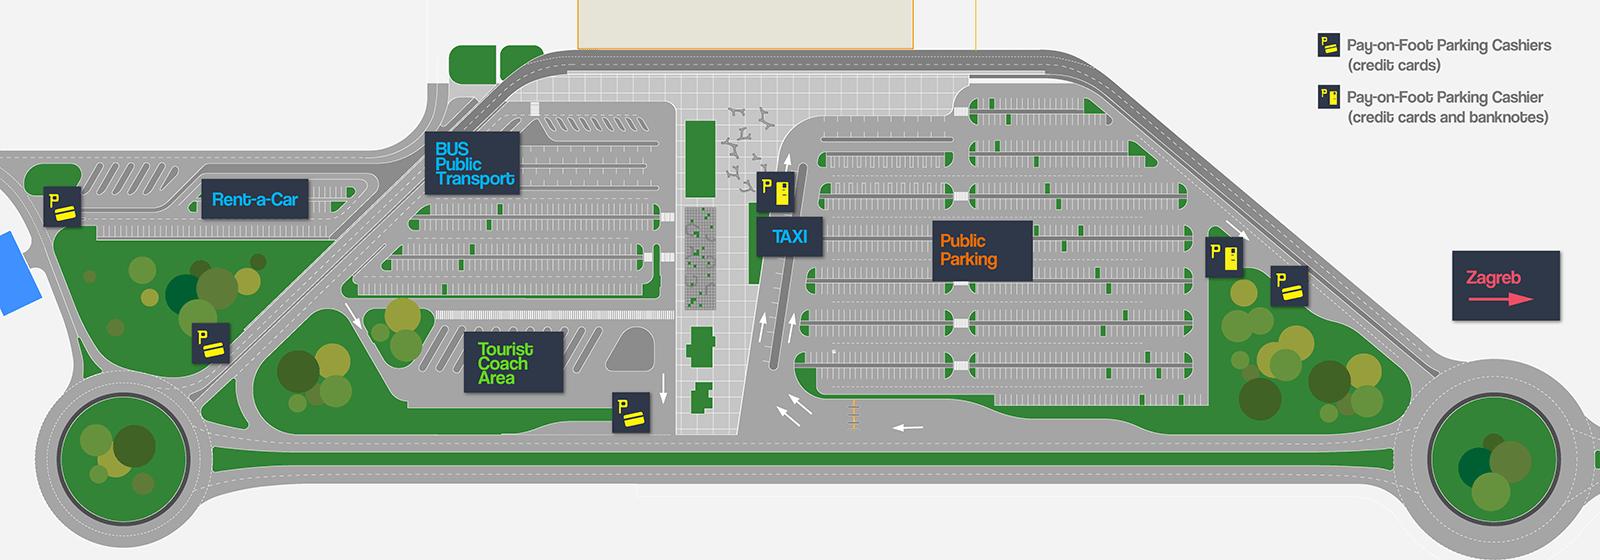 Franjo Tuman Airport Zagreb Parking Plan